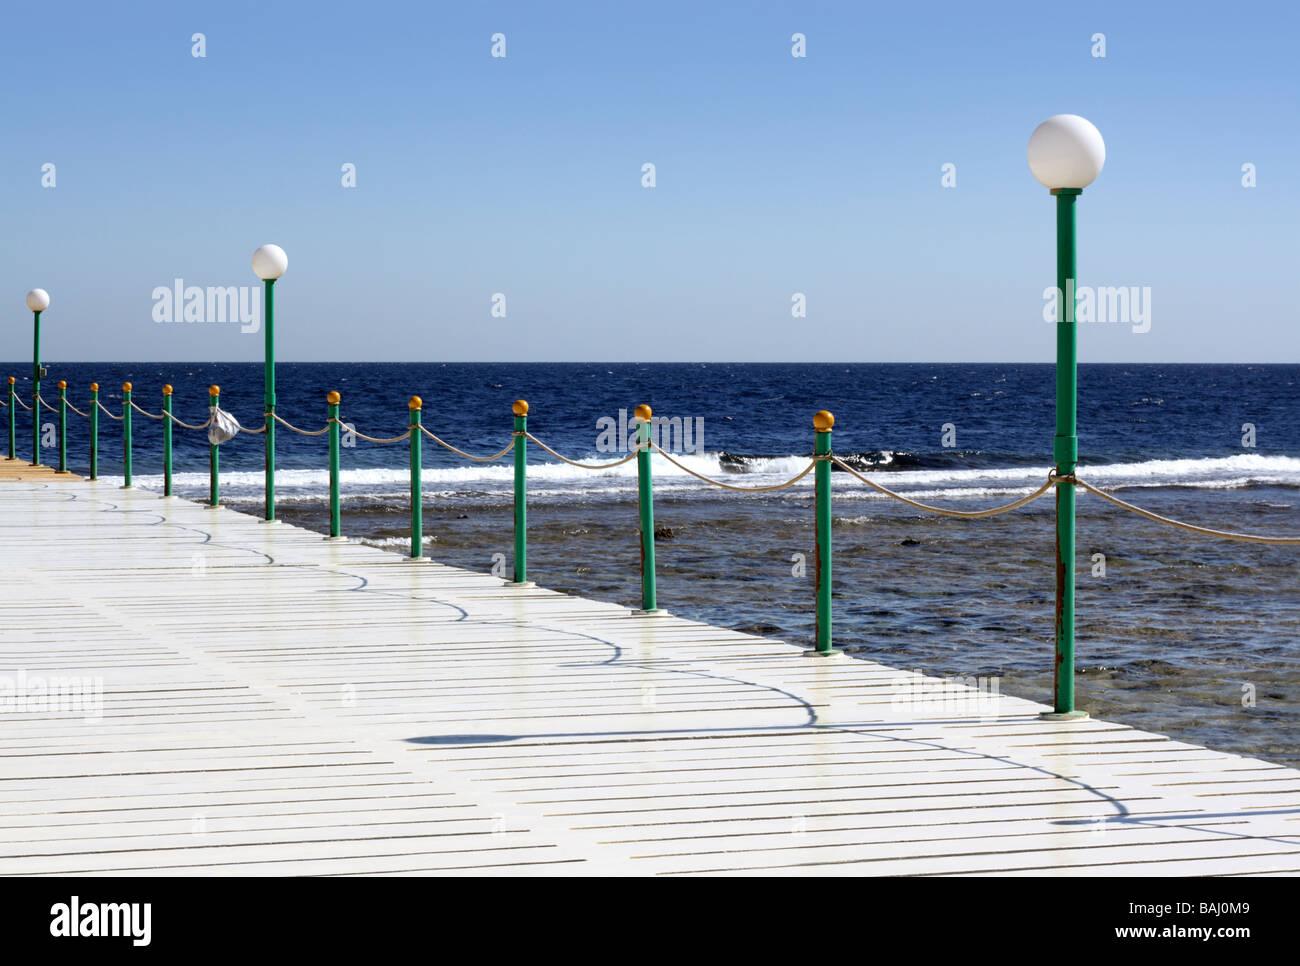 Aegypten Rotes Meer Quseir Ein Kleiner Ort 140 km Suedlich von Hurghada xxxxx Stockbild